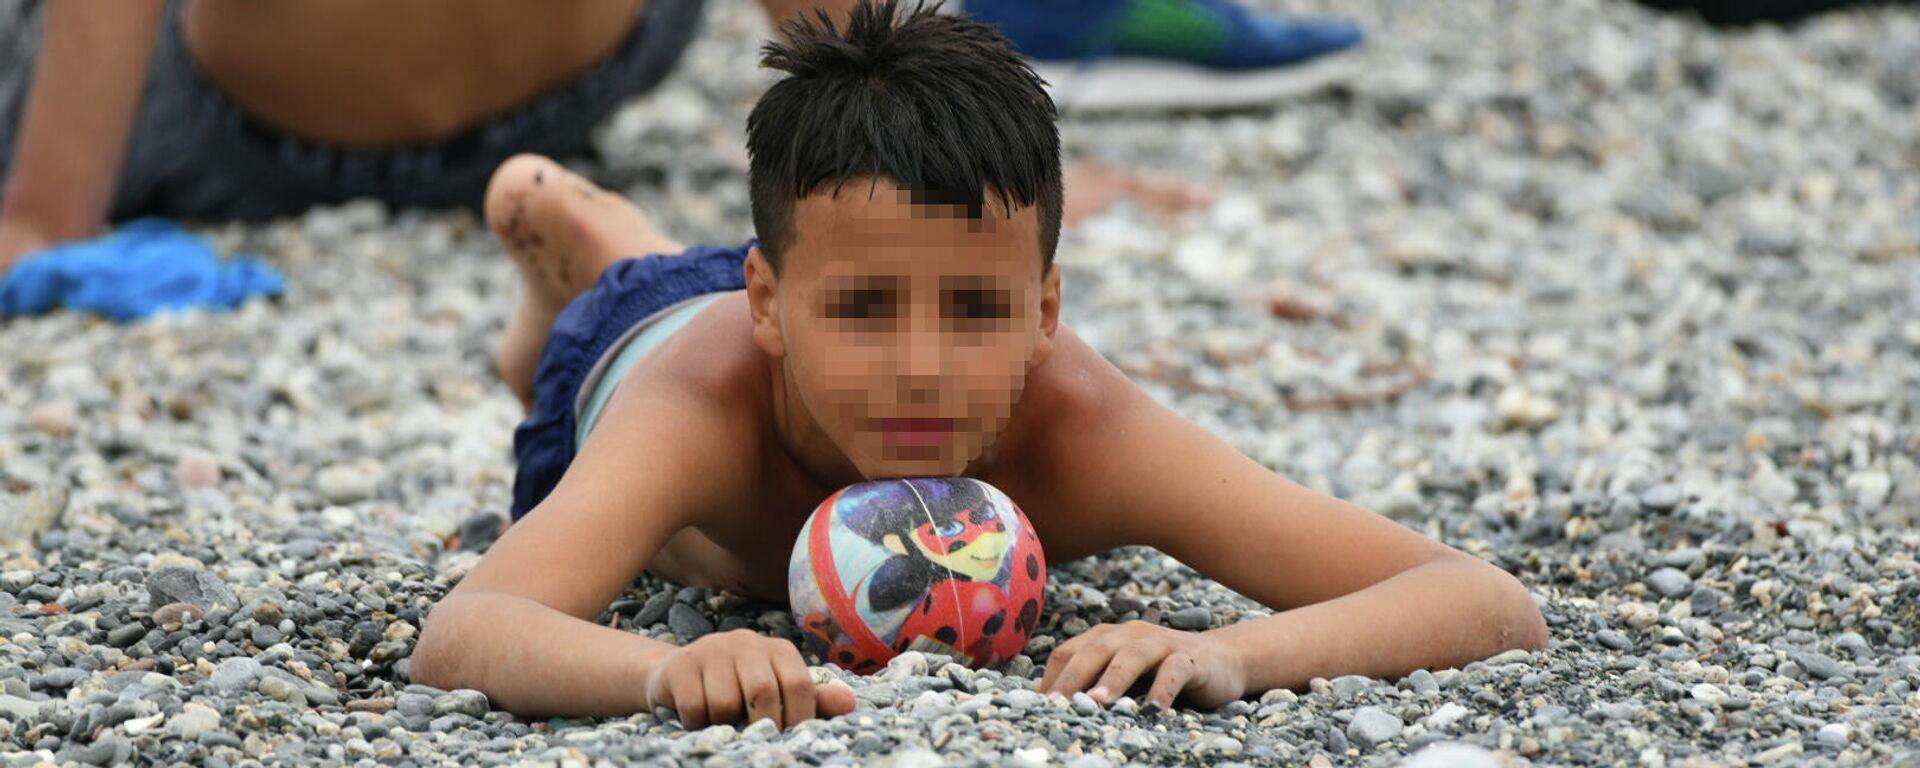 Un menor de edad llegado a Ceuta el 18 de mayo - Sputnik Mundo, 1920, 01.06.2021